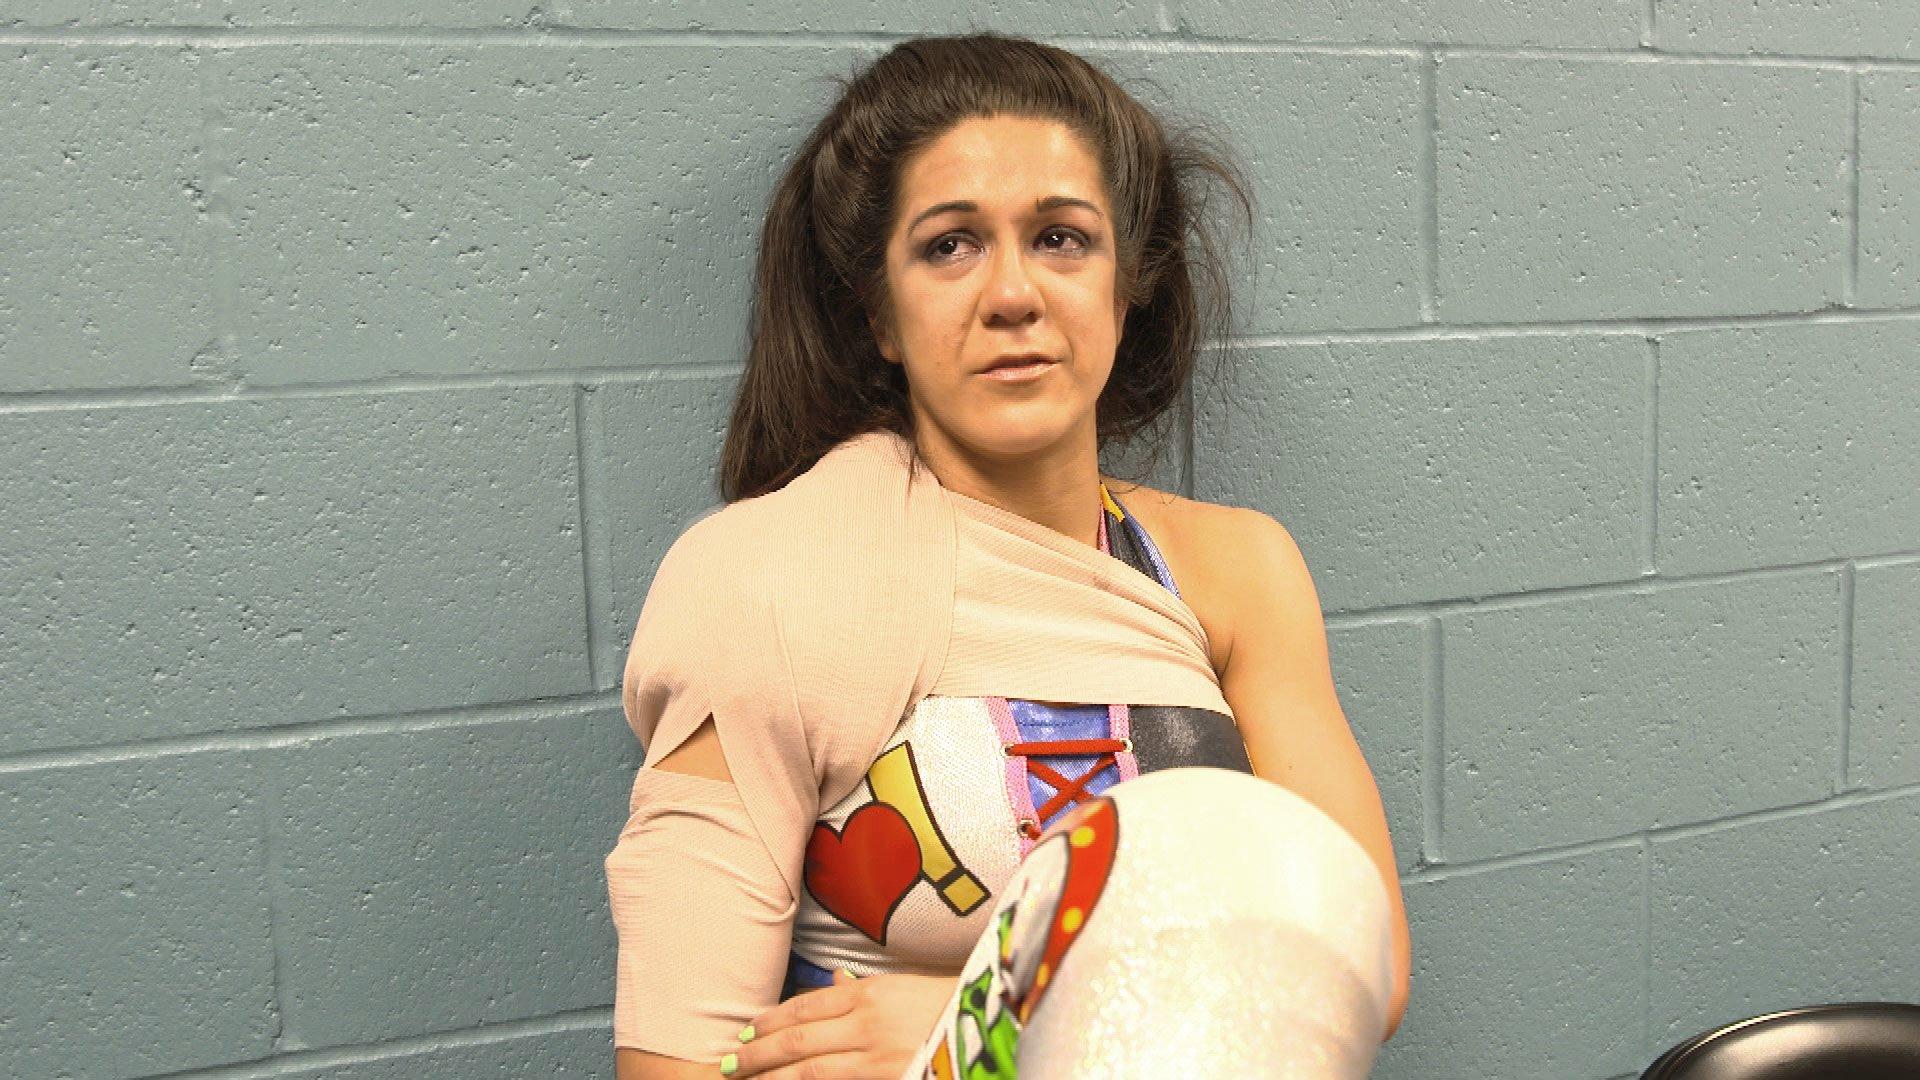 Podekscytowana Bayley zastanawia się co dalej: WWE.com Exclusive 01.08.17